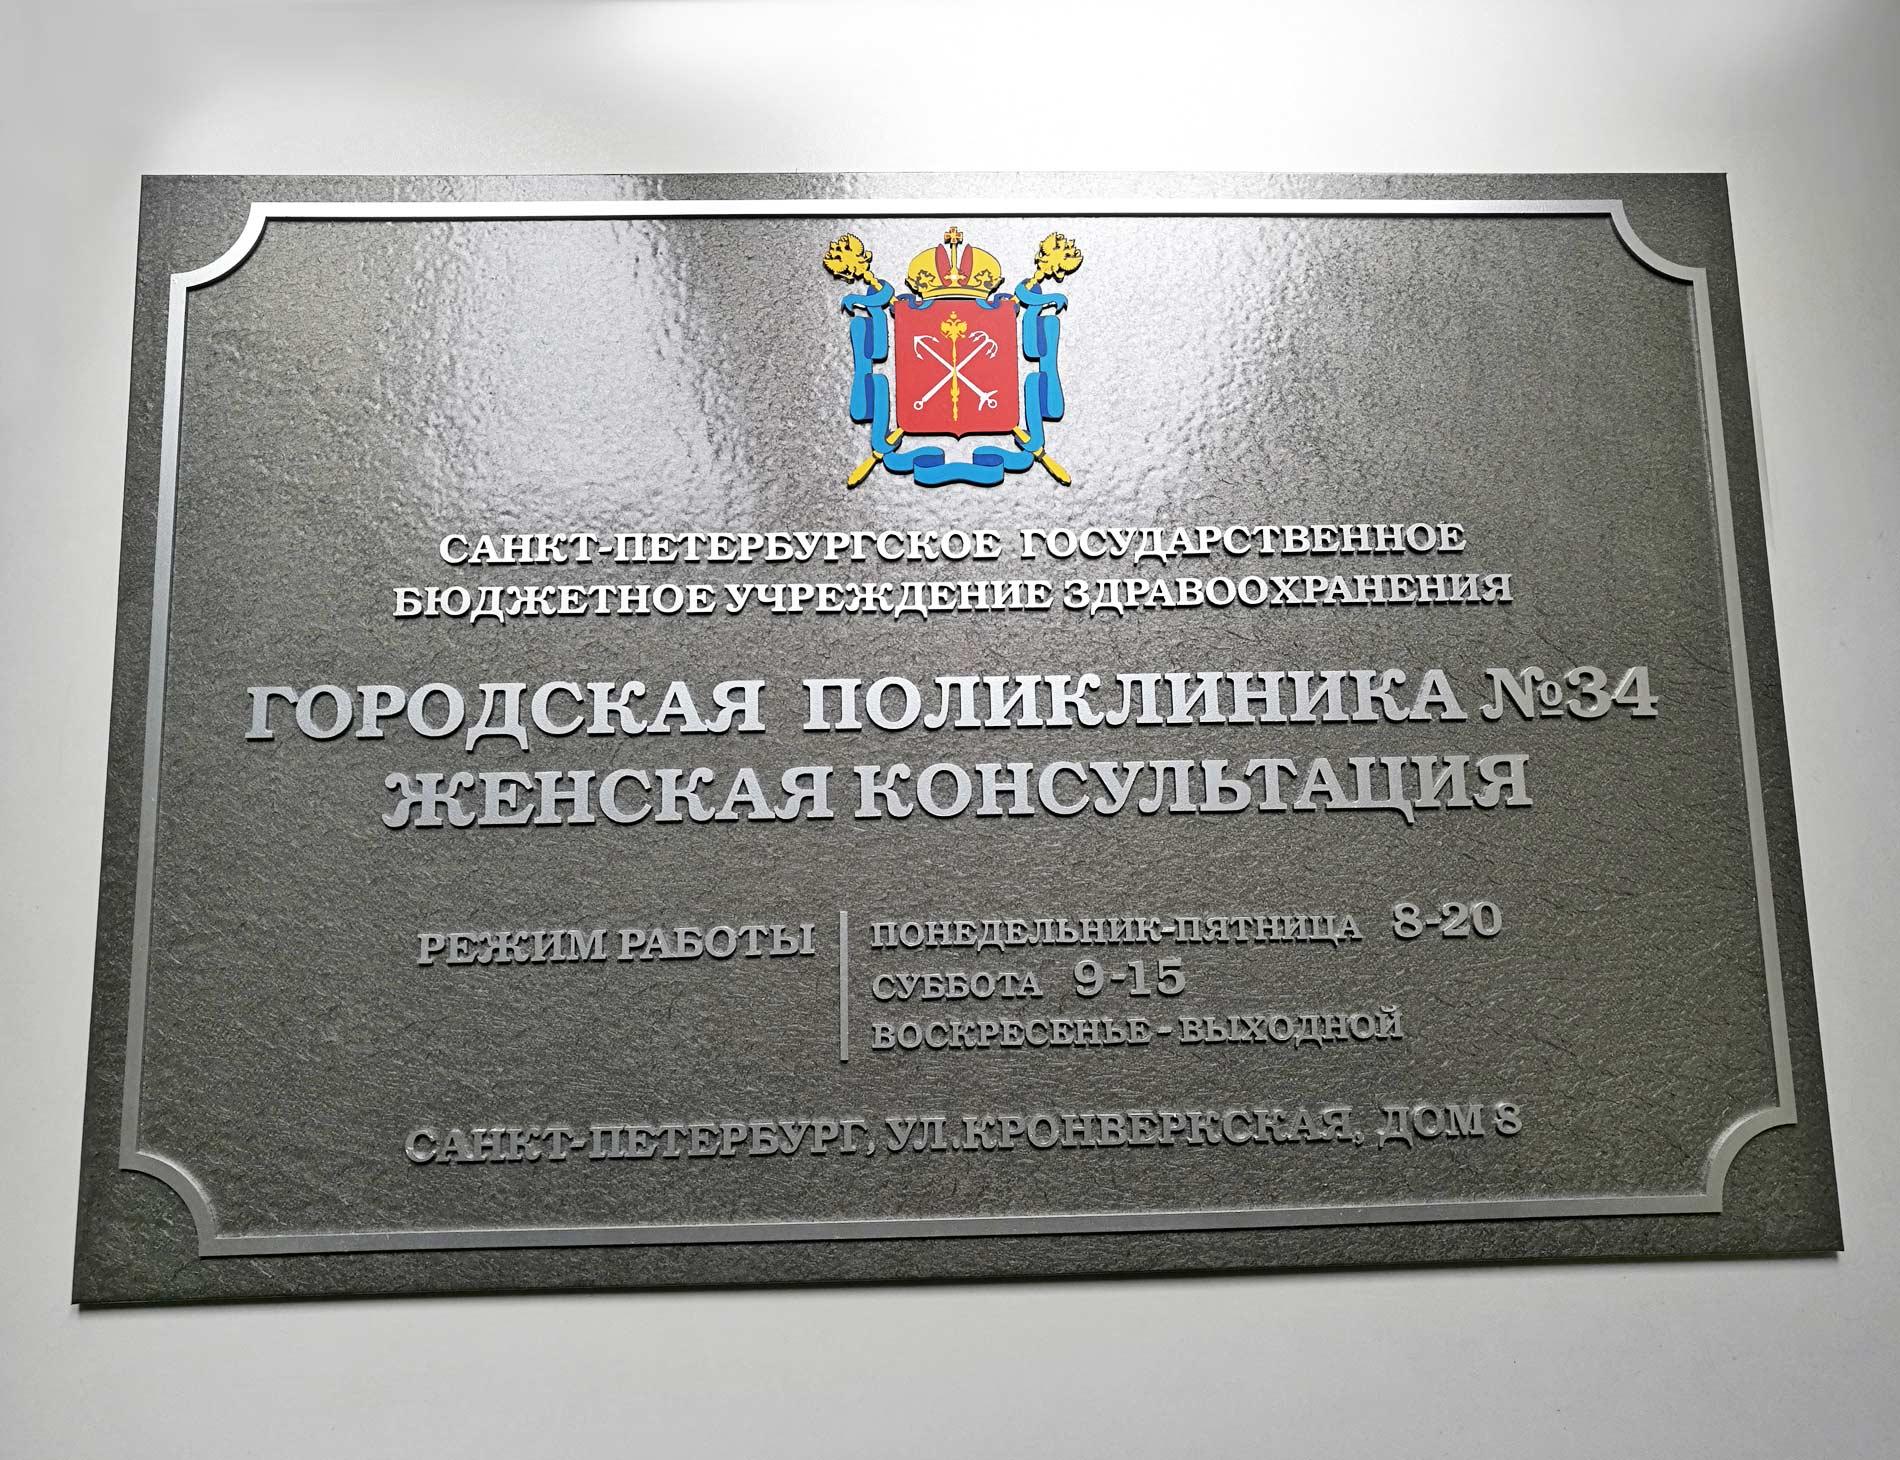 Табличка с объемными буквами, рамкой и гербом